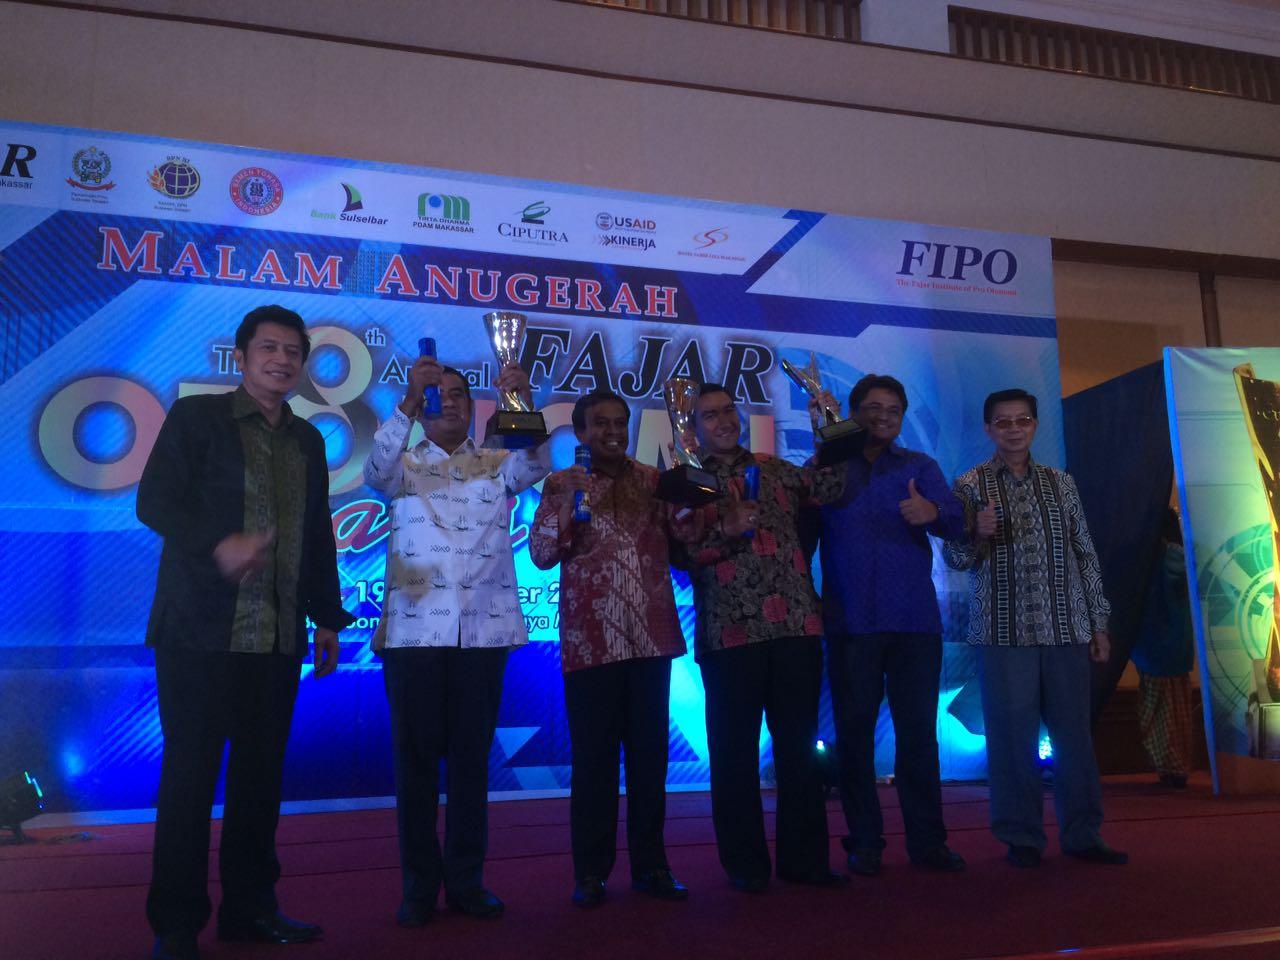 Partisipasi Publik Tinggi,Soppeng Raih FIPO Award